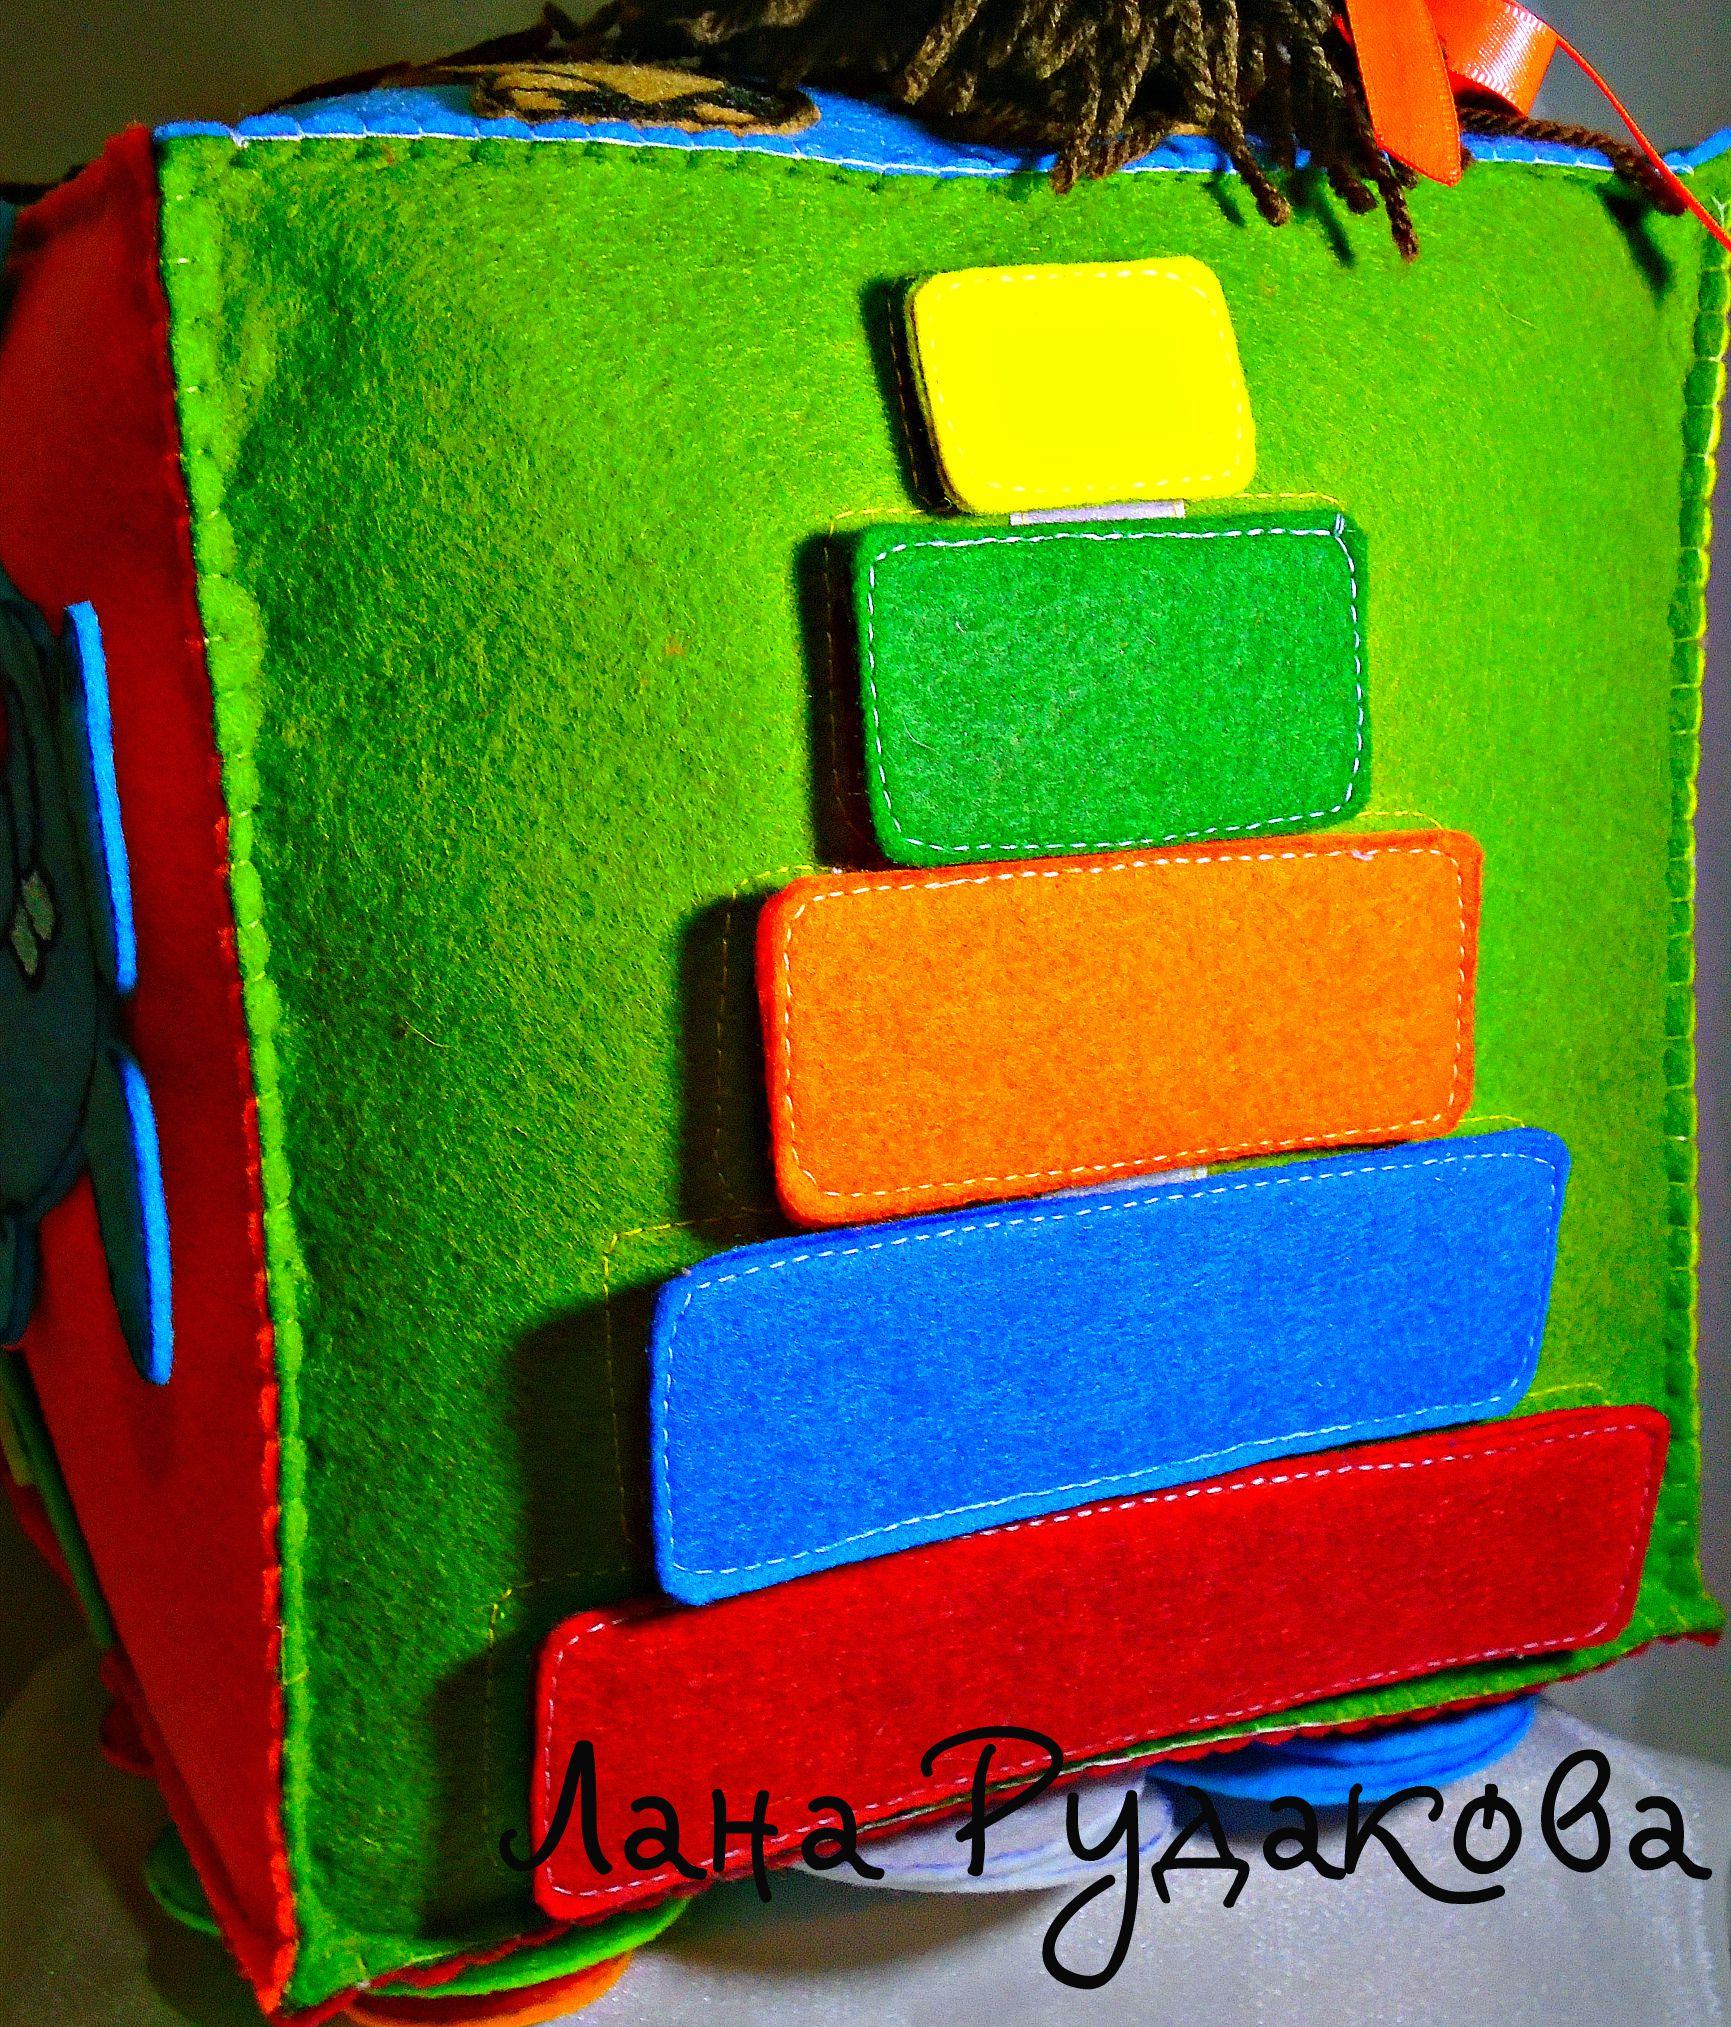 игра игрушка играть развивать малышам моторика игры детям куб фетр